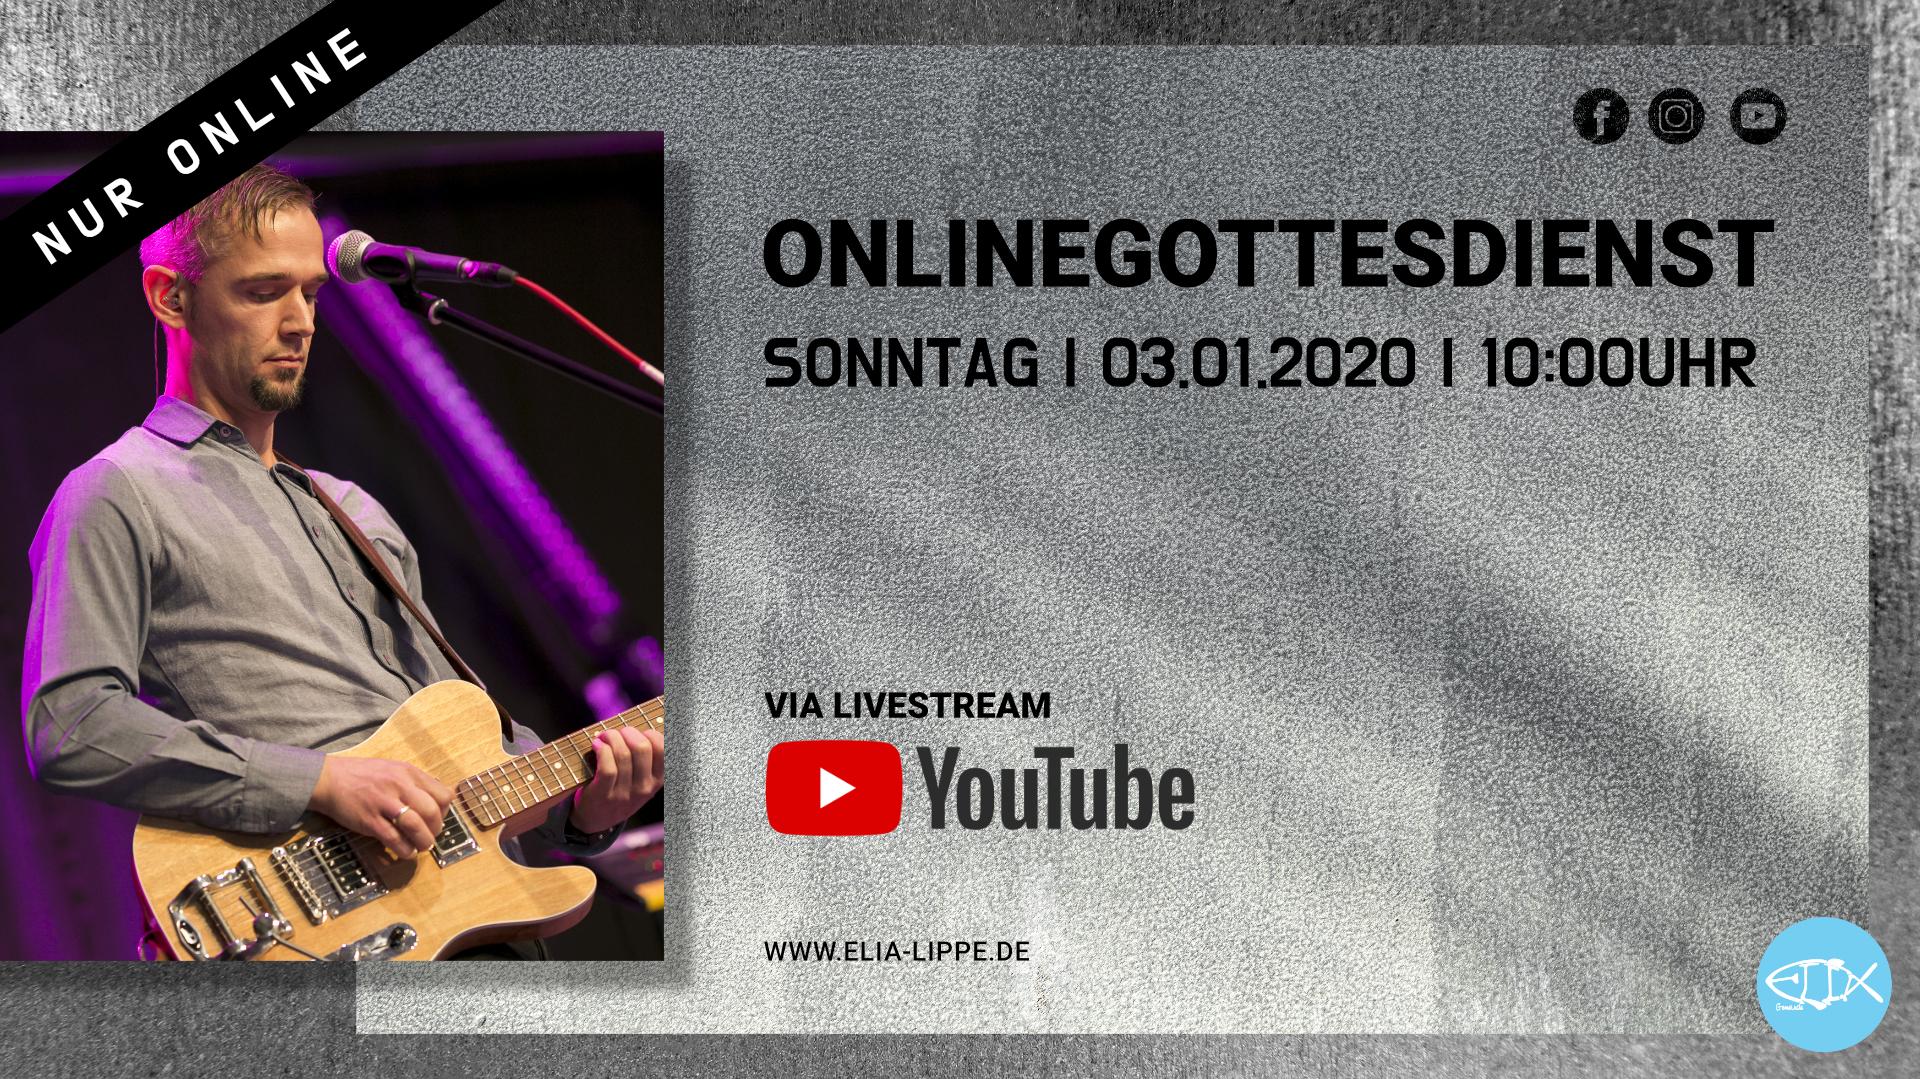 ONLINEGOTTESDIENST | 03.01.2021 | 10:00UHR